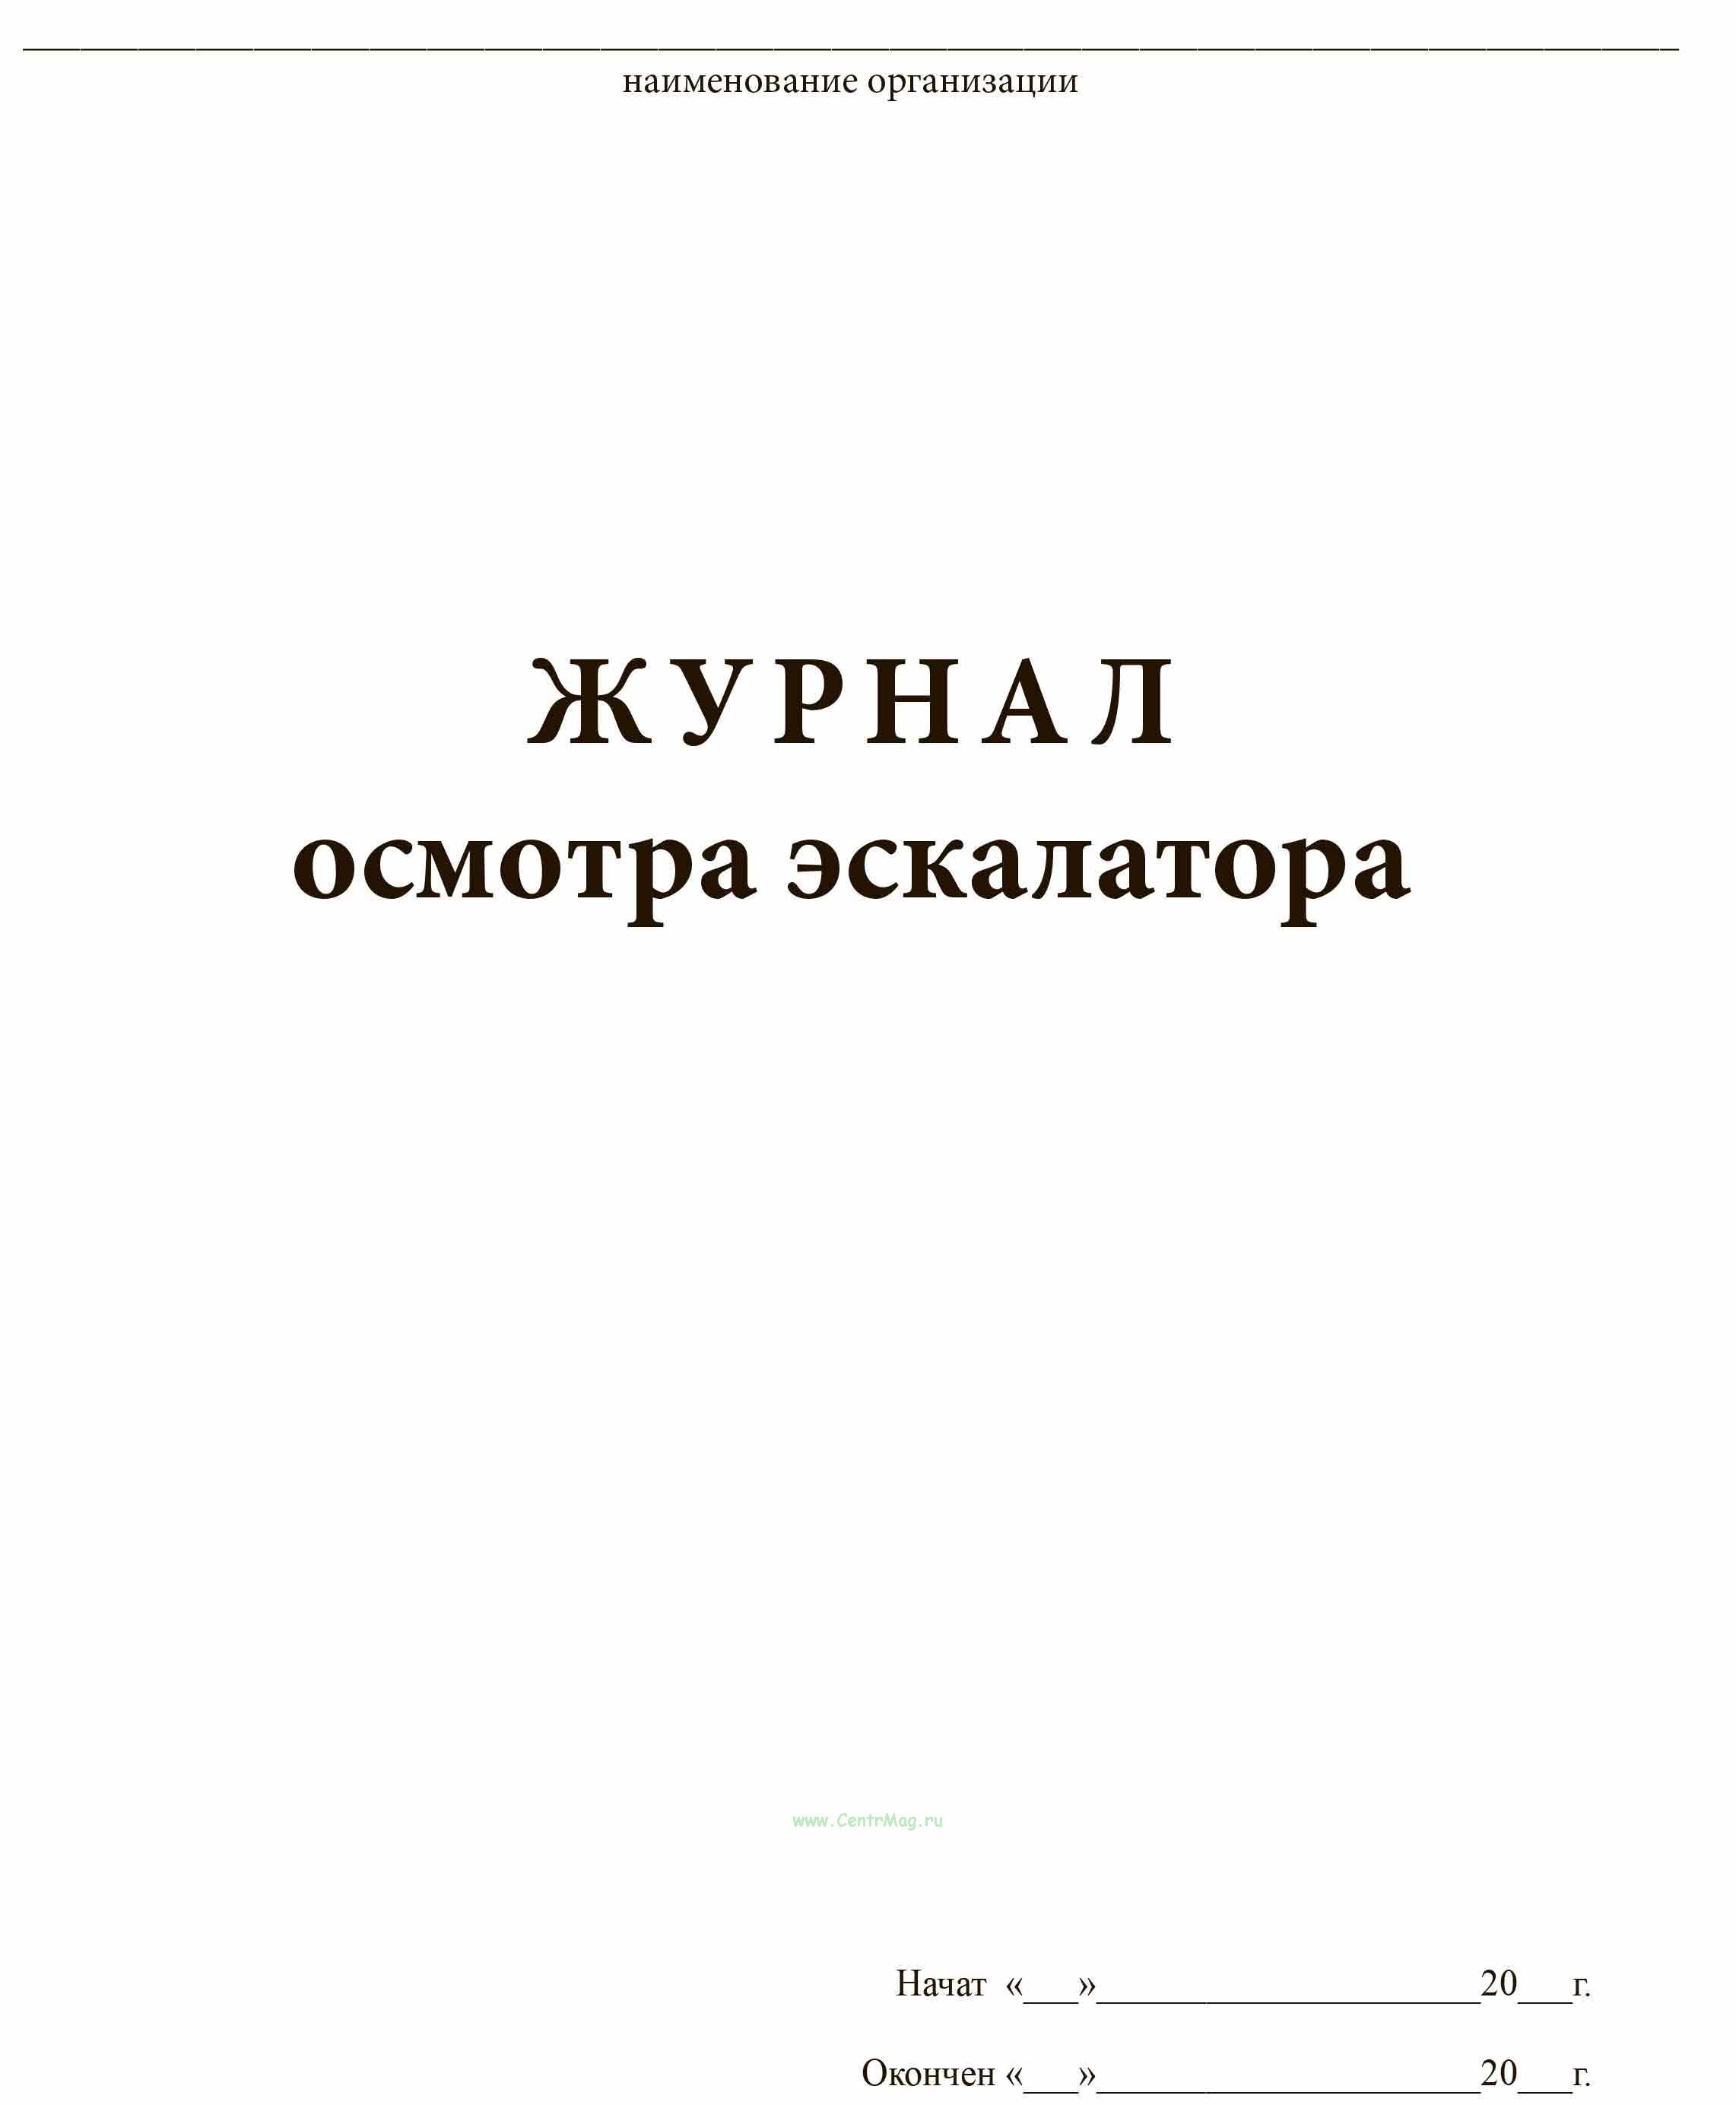 Производственная инструкция машинистов эскалаторов